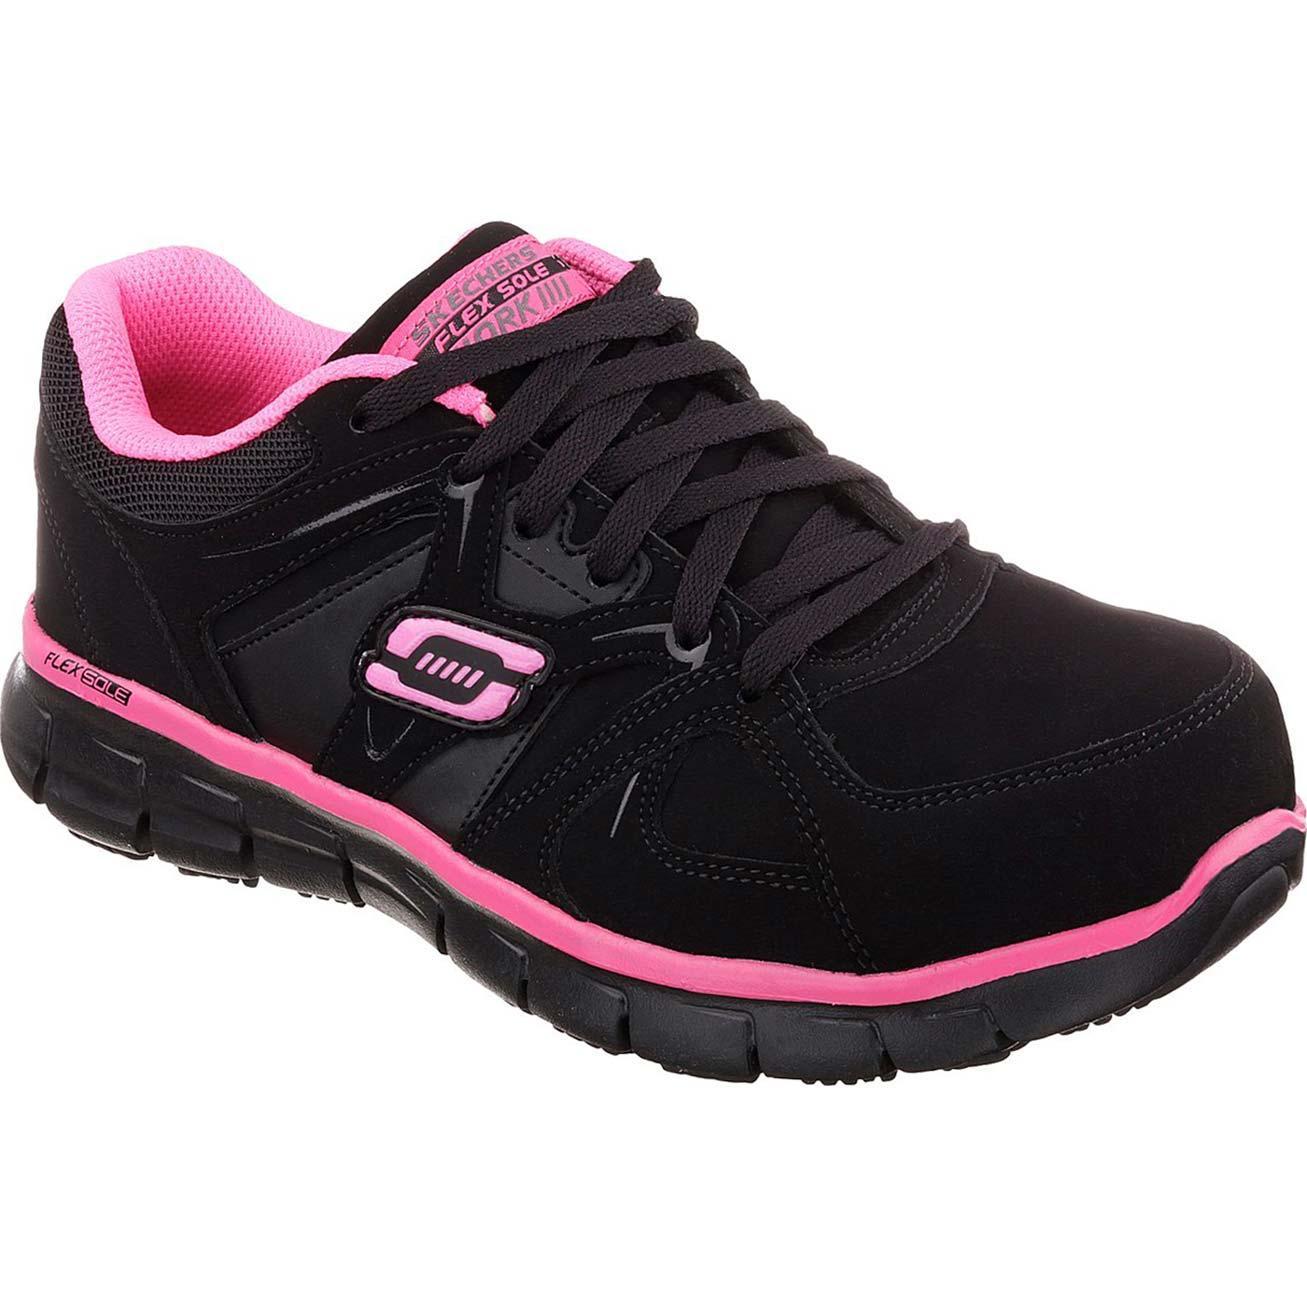 SKECHERS Work Synergy Sandlot Women's Alloy Toe Work Athletic Shoe